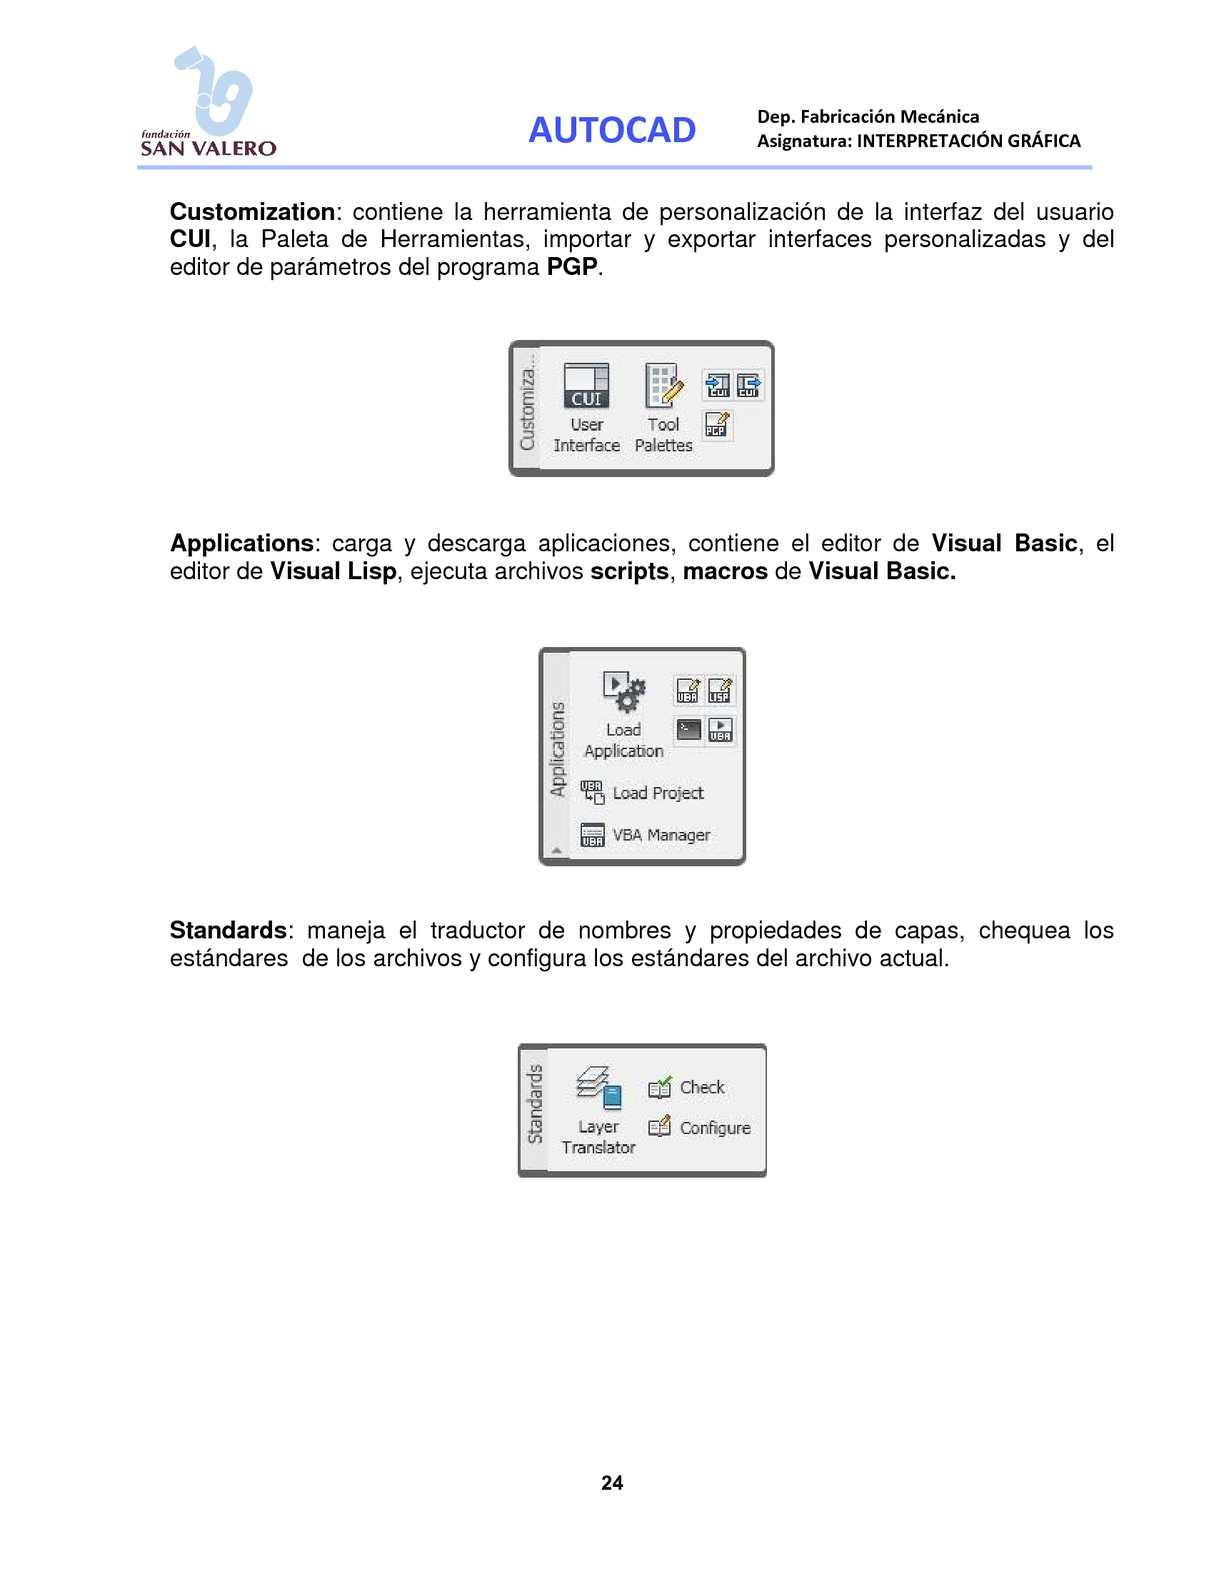 Manual de Autocad 2D - CALAMEO Downloader